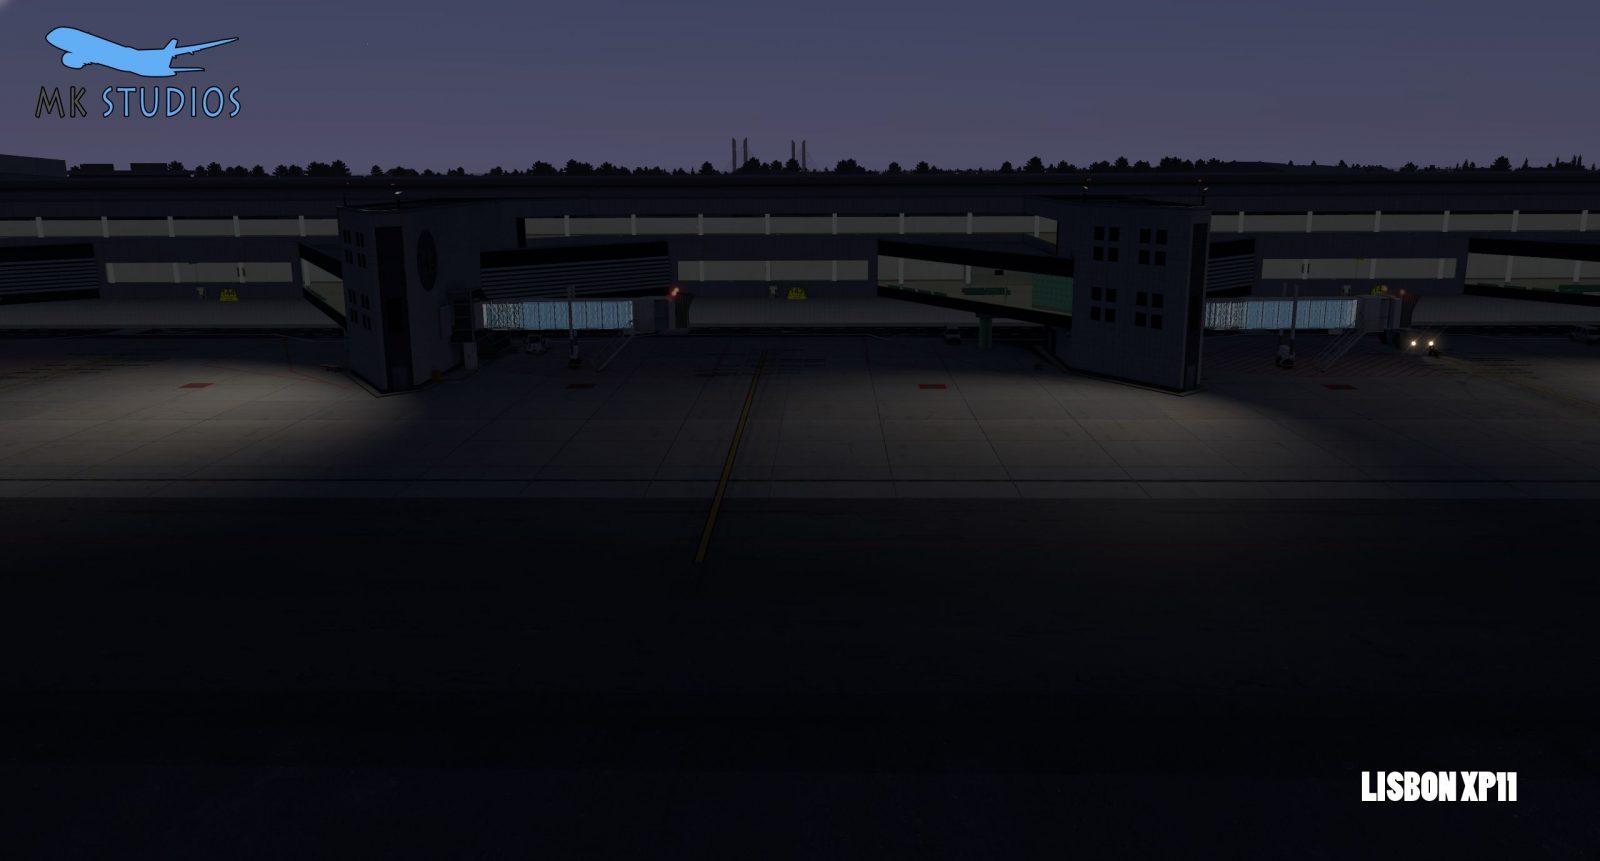 mk-studios-lisbon-xplane-11-20-1600x861.